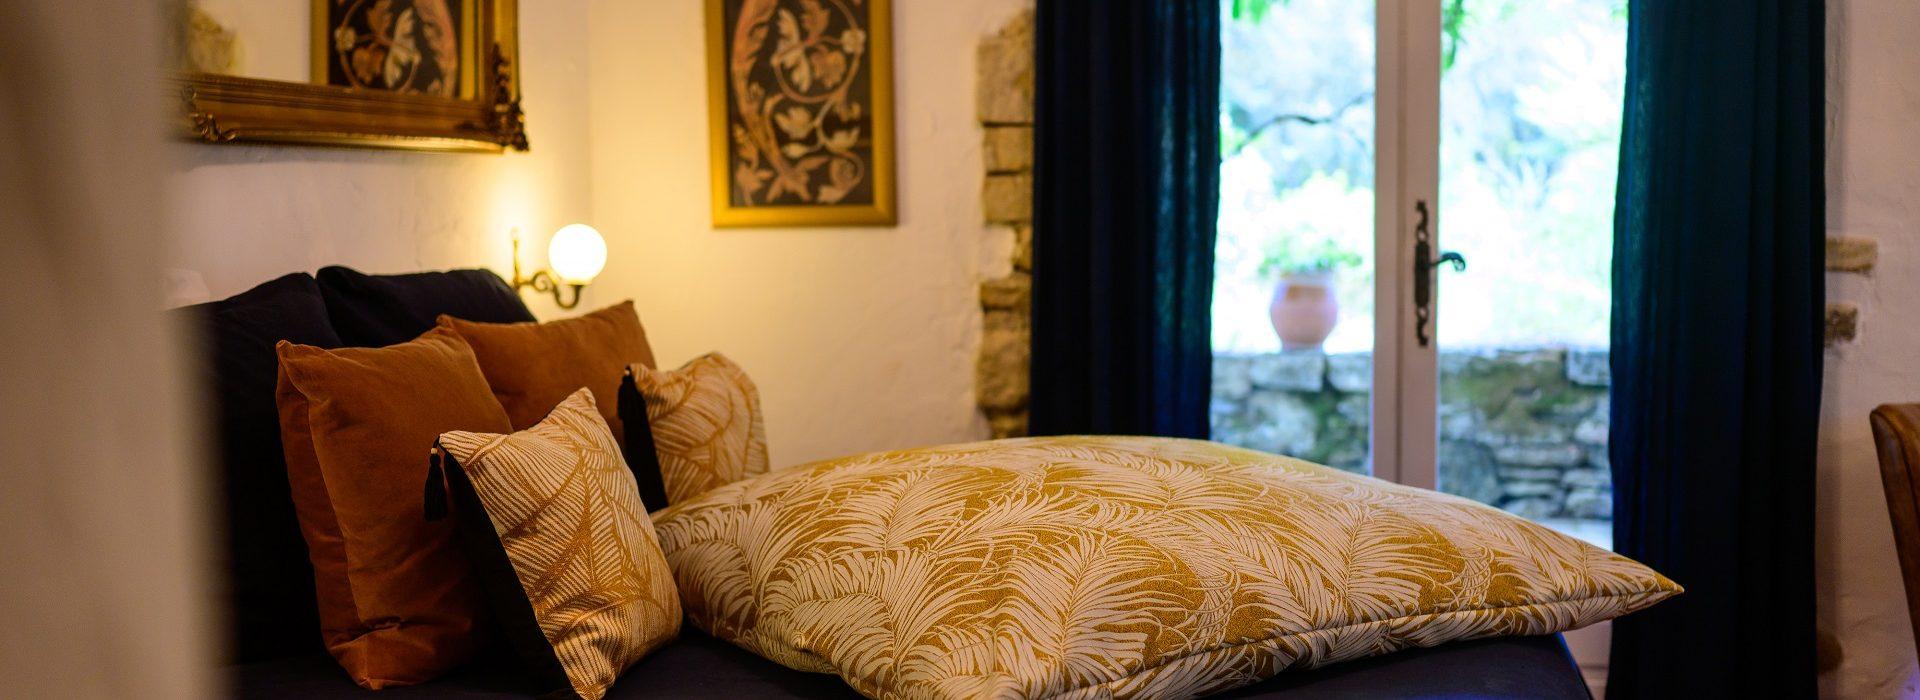 Cezanne nuit romantique